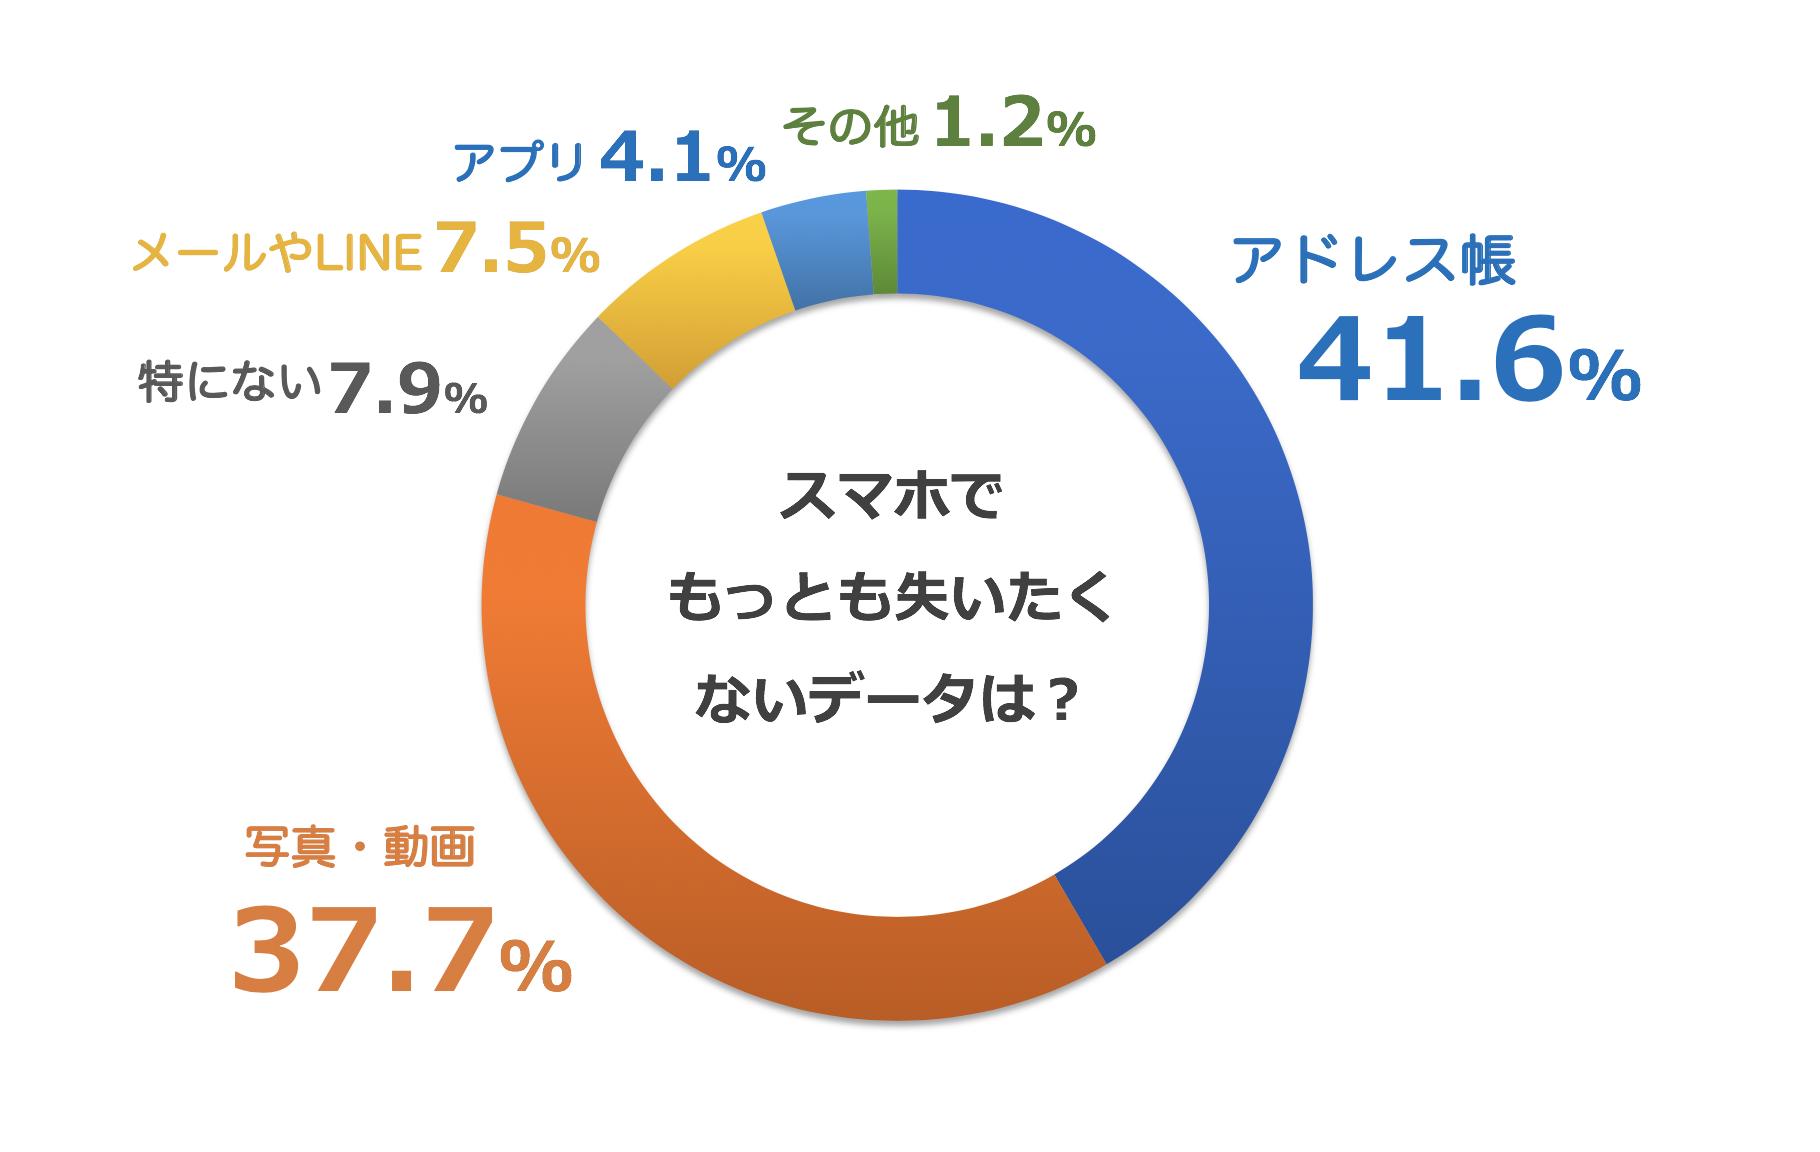 スマホのデータでもっとも大事なデータを示すグラフ